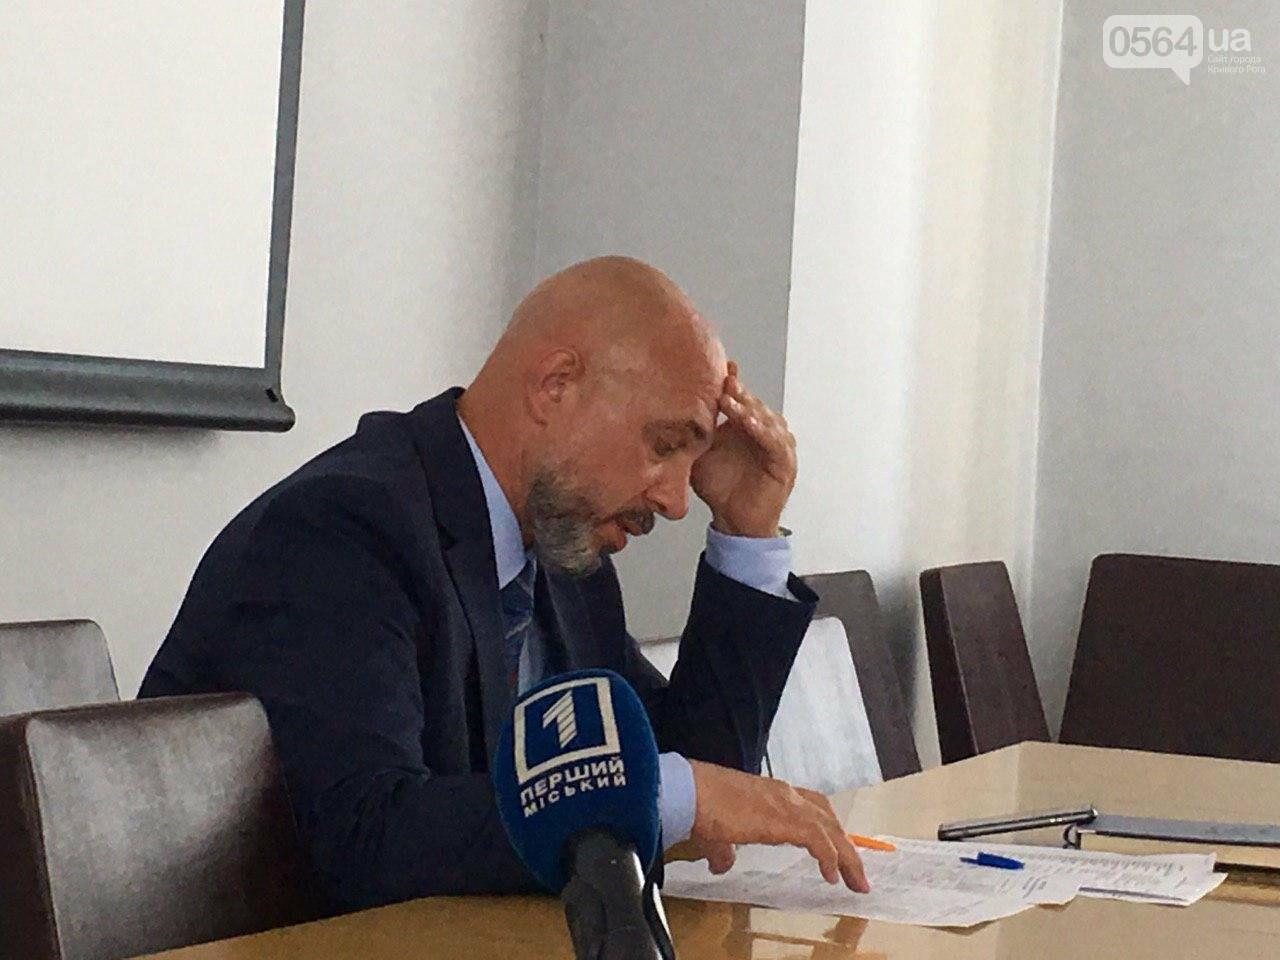 Криворожское КП пытается подготовится к отопительному сезону, несмотря на долг в полмиллиарда, - ФОТО , фото-15